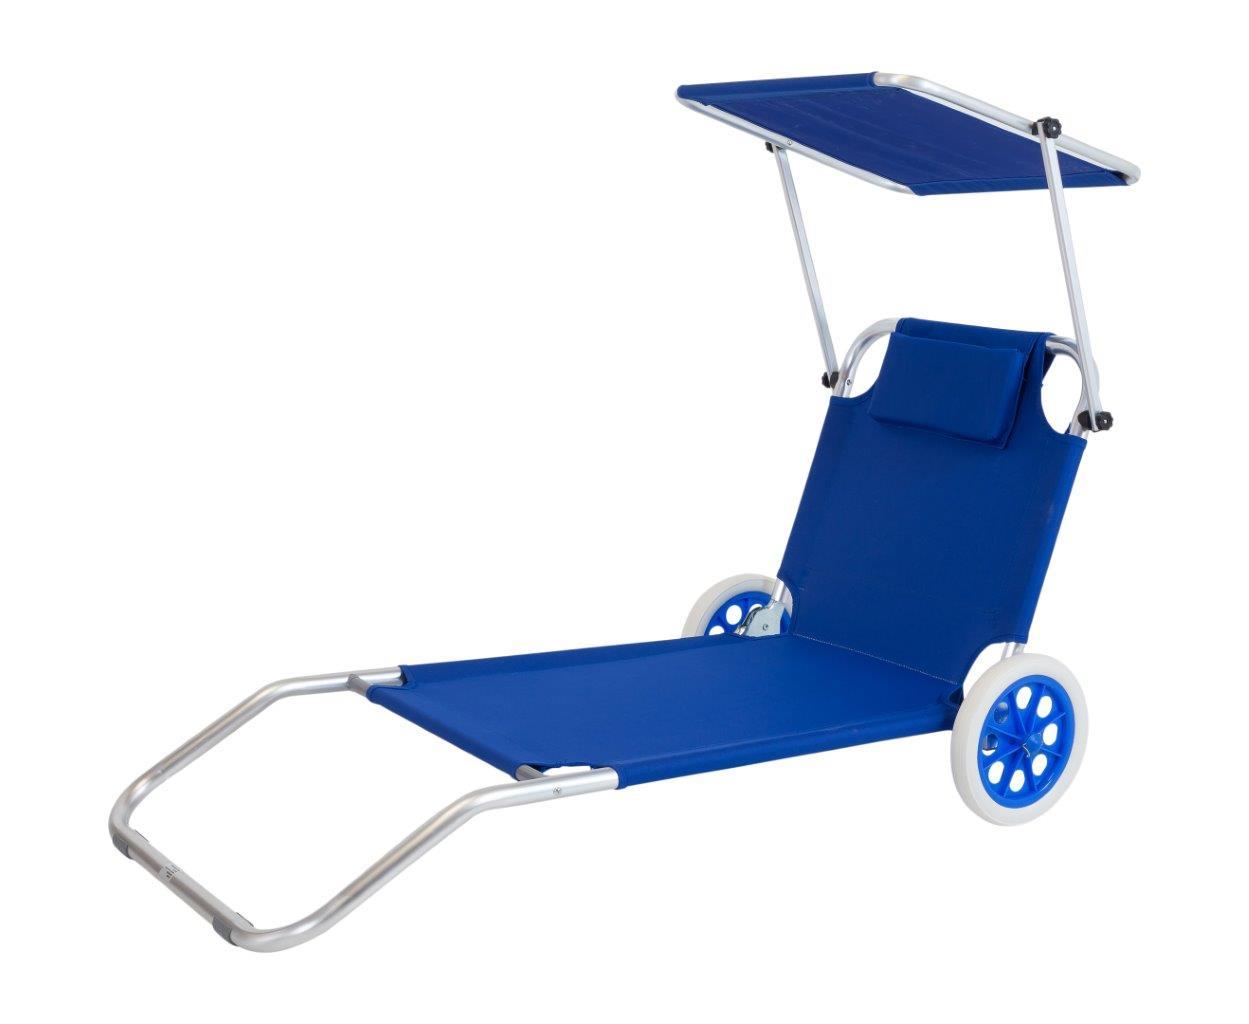 Rollliege Strandtrolley Beachtrolley in Blau mit Dach